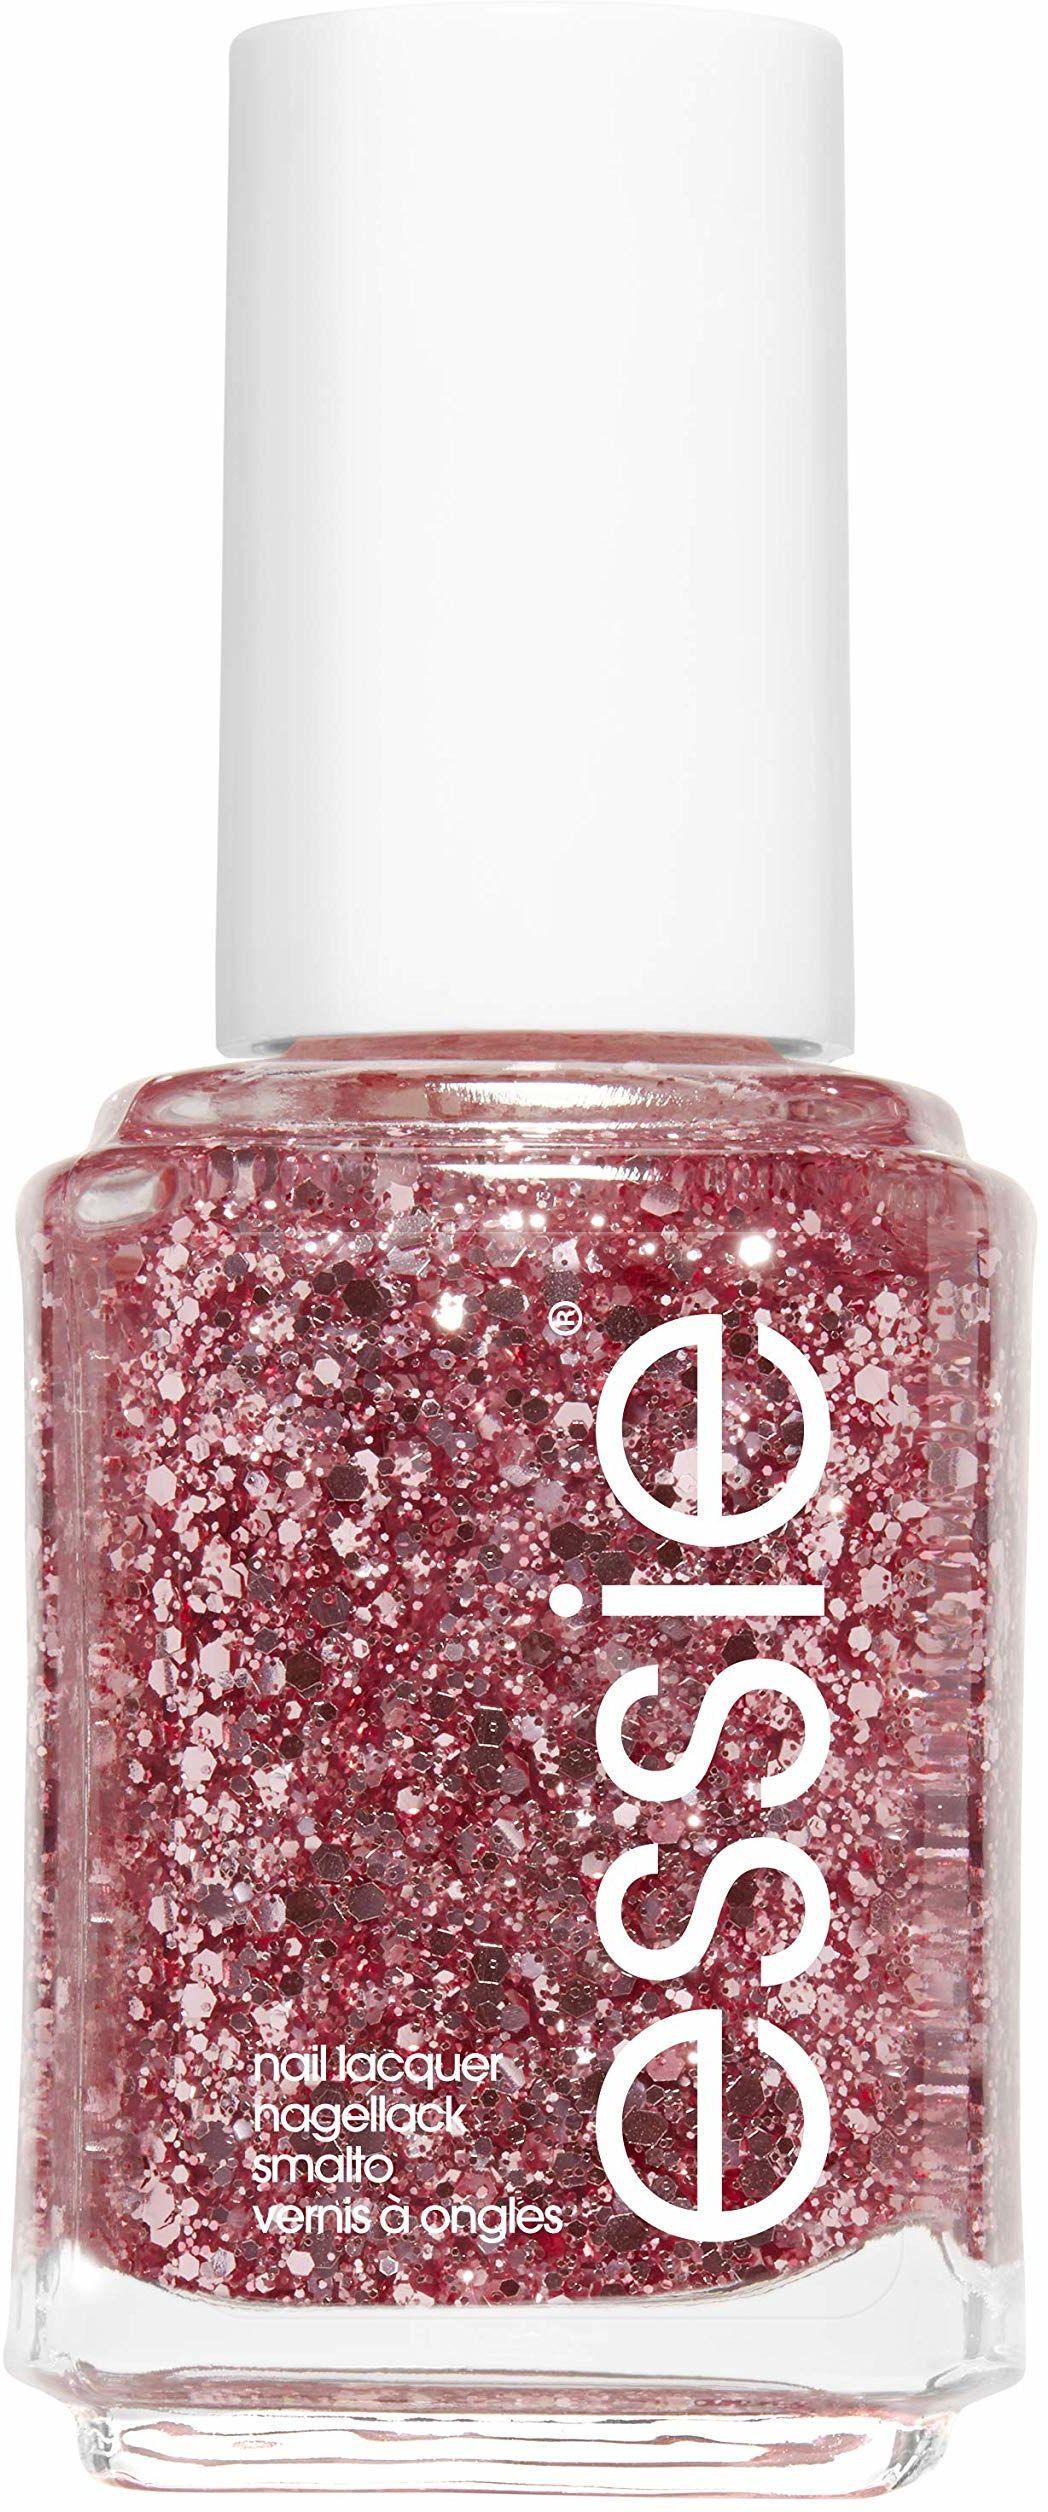 Essie Lakier do paznokci z połyskującymi paznokciami, nr 275 a cut above, brokat/różowy, 13,5 ml